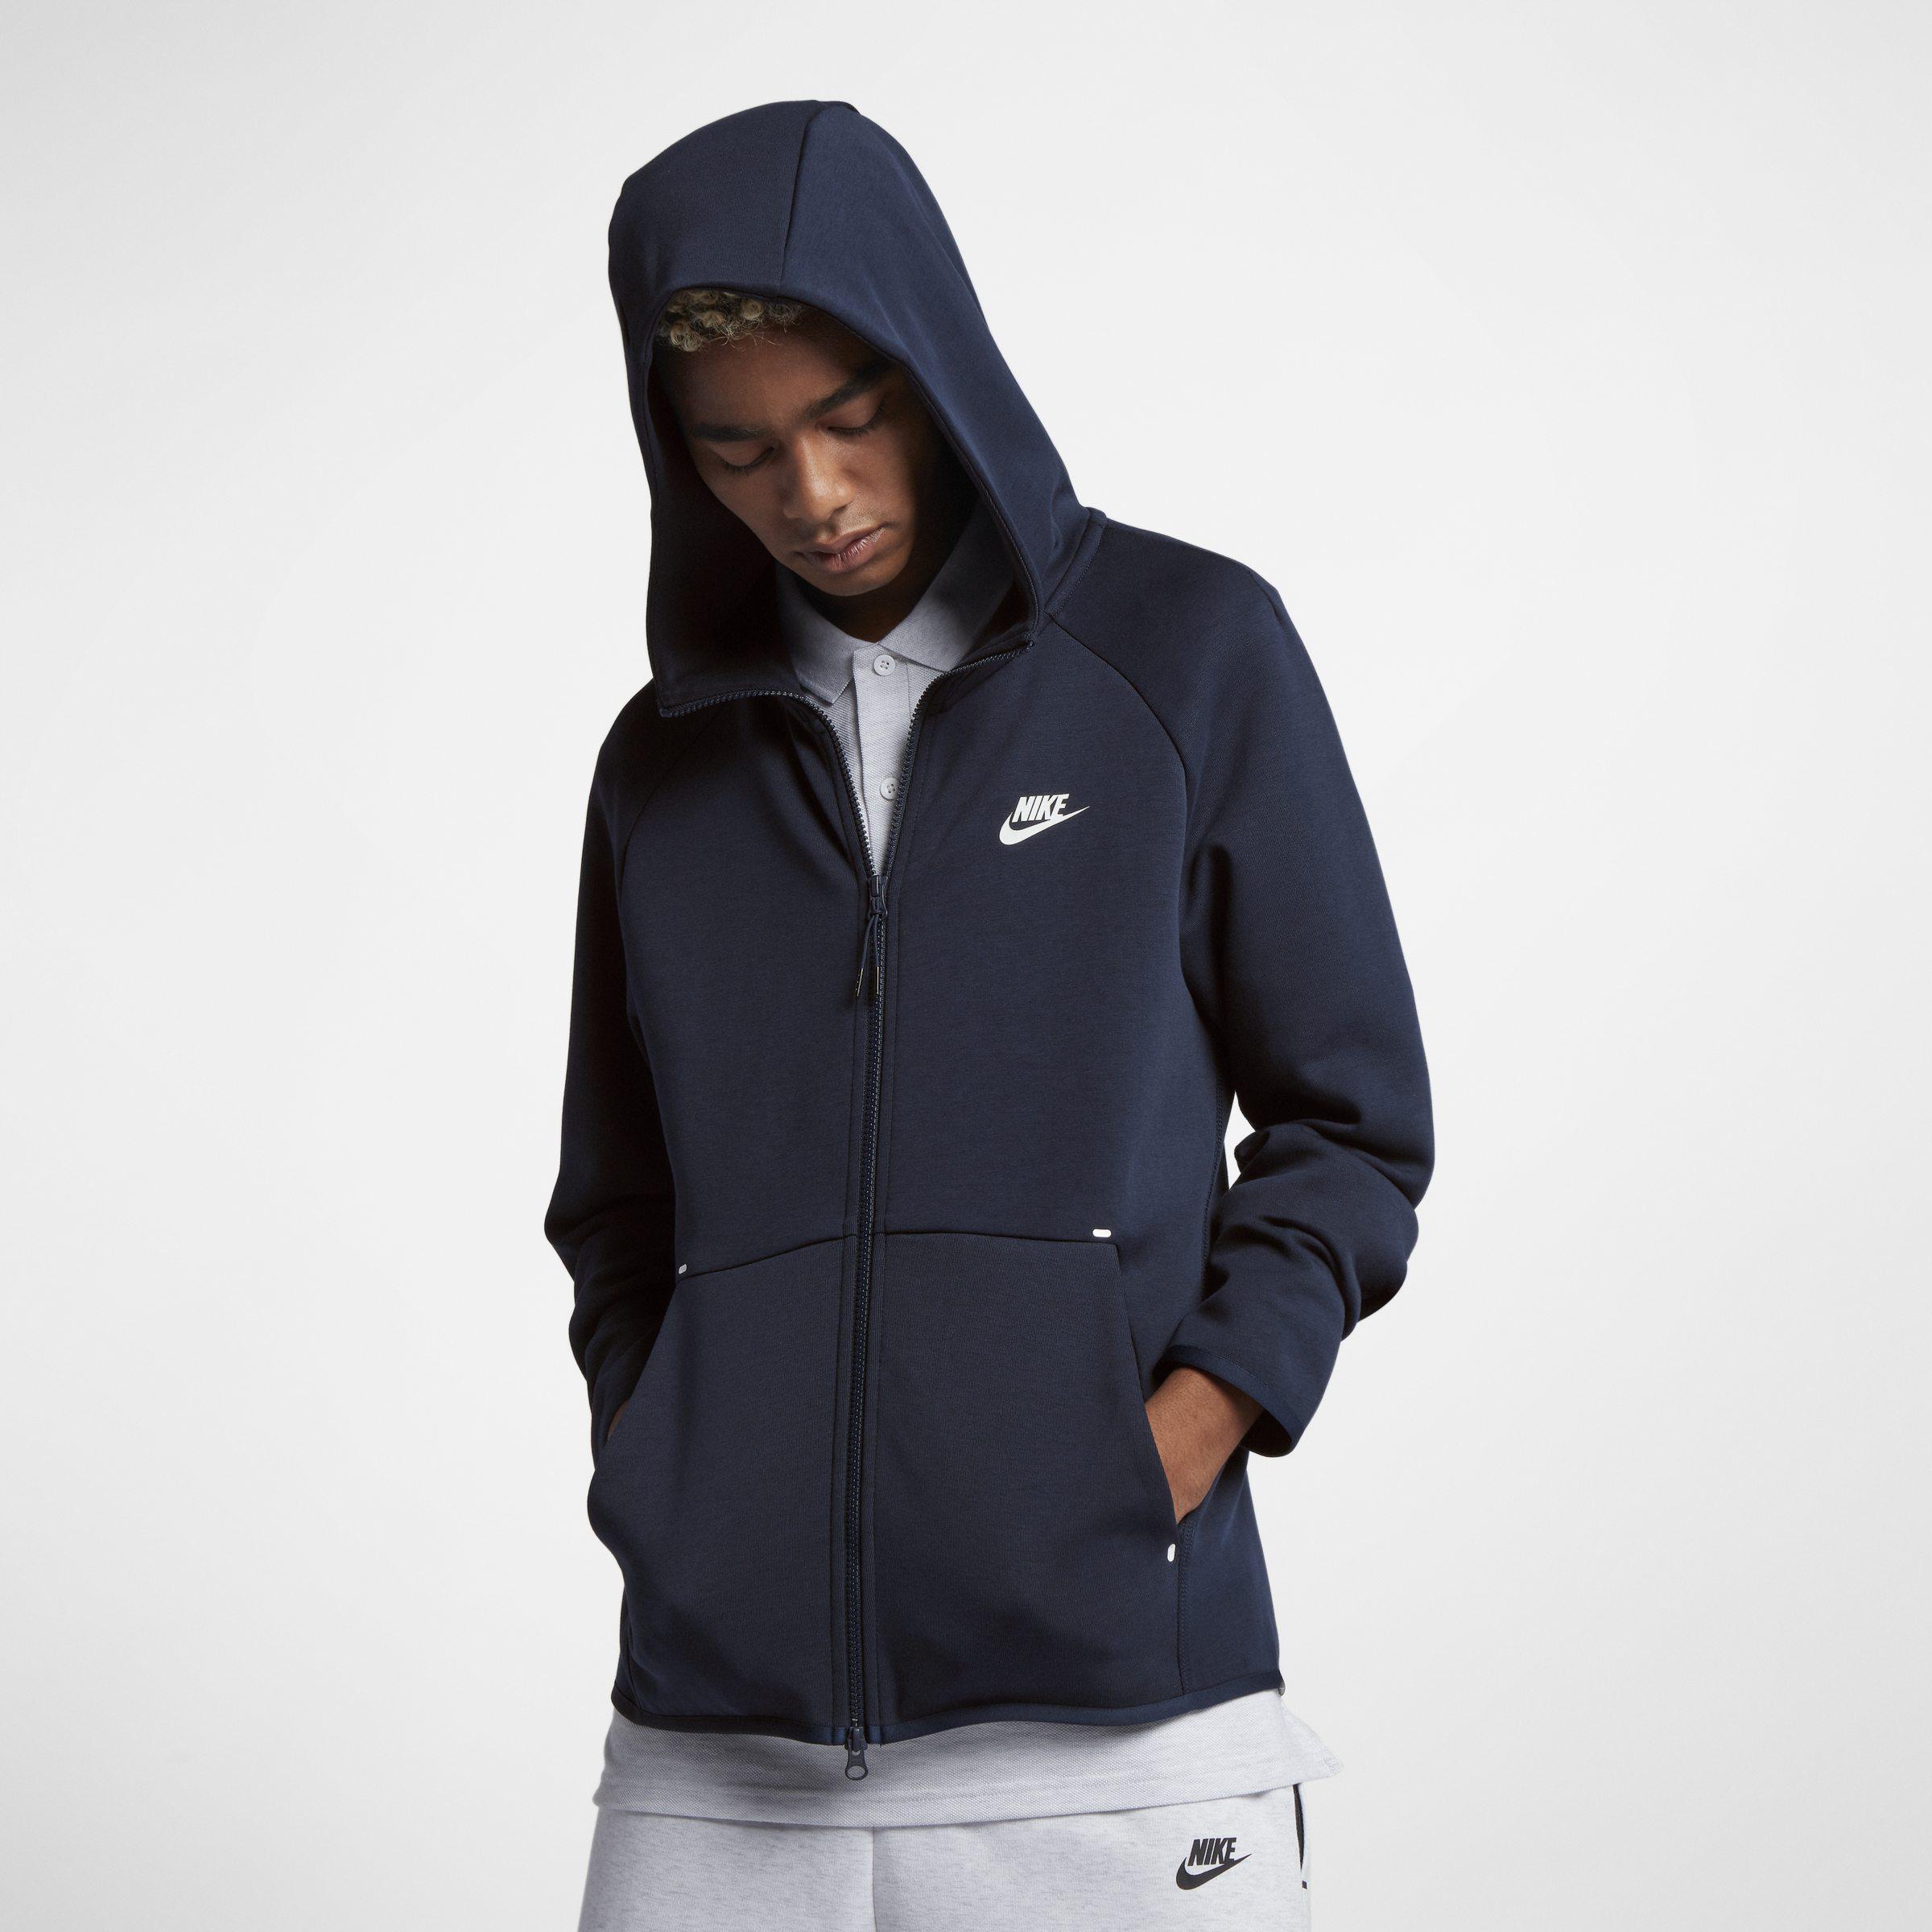 f0a180773bad Nike Sportswear Tech Fleece Full-zip Hoodie in Blue for Men - Lyst